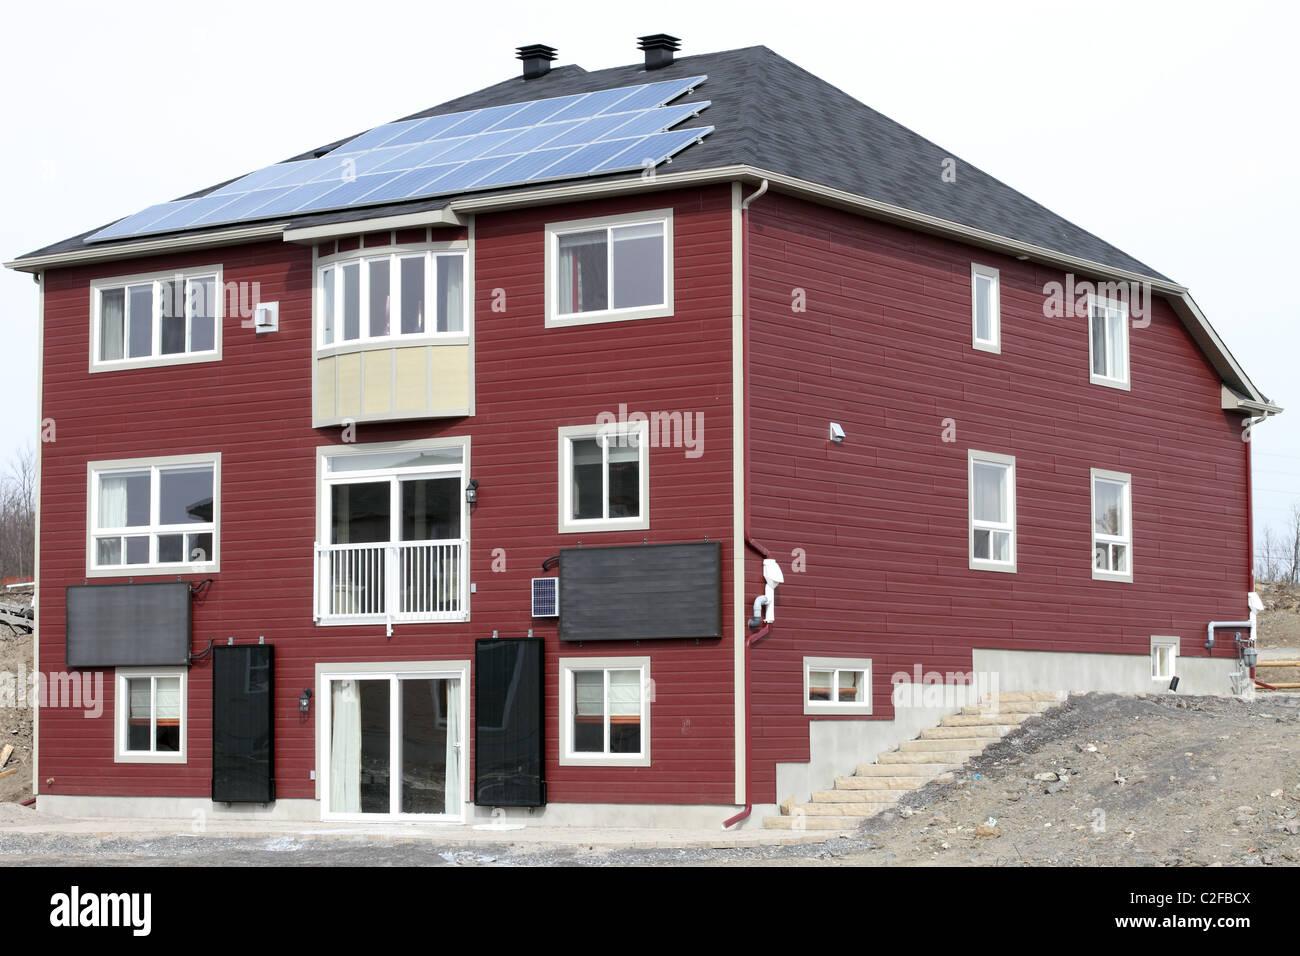 Nuovo Home Presentazione di Energia Verde con pannelli solari sul tetto e caloriferi di acqua solari sulla parete Immagini Stock